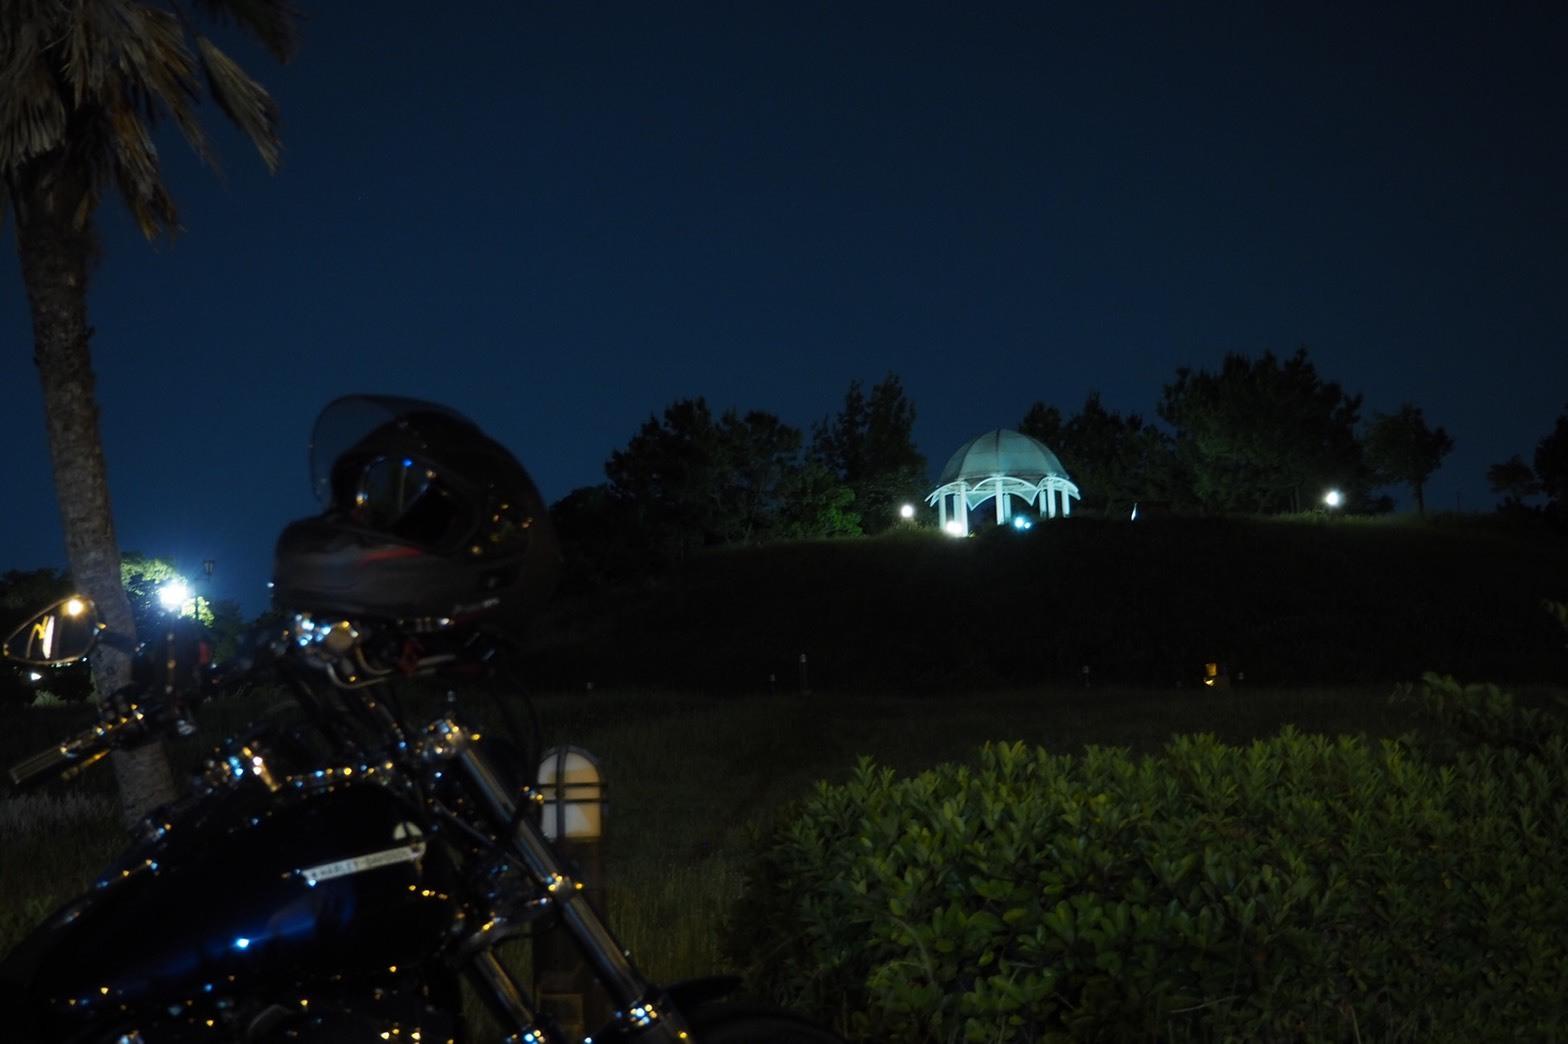 harleydavidson-motorcycle-touring-blog-osaka-port-maishima-nightview-observatory-3.jpg